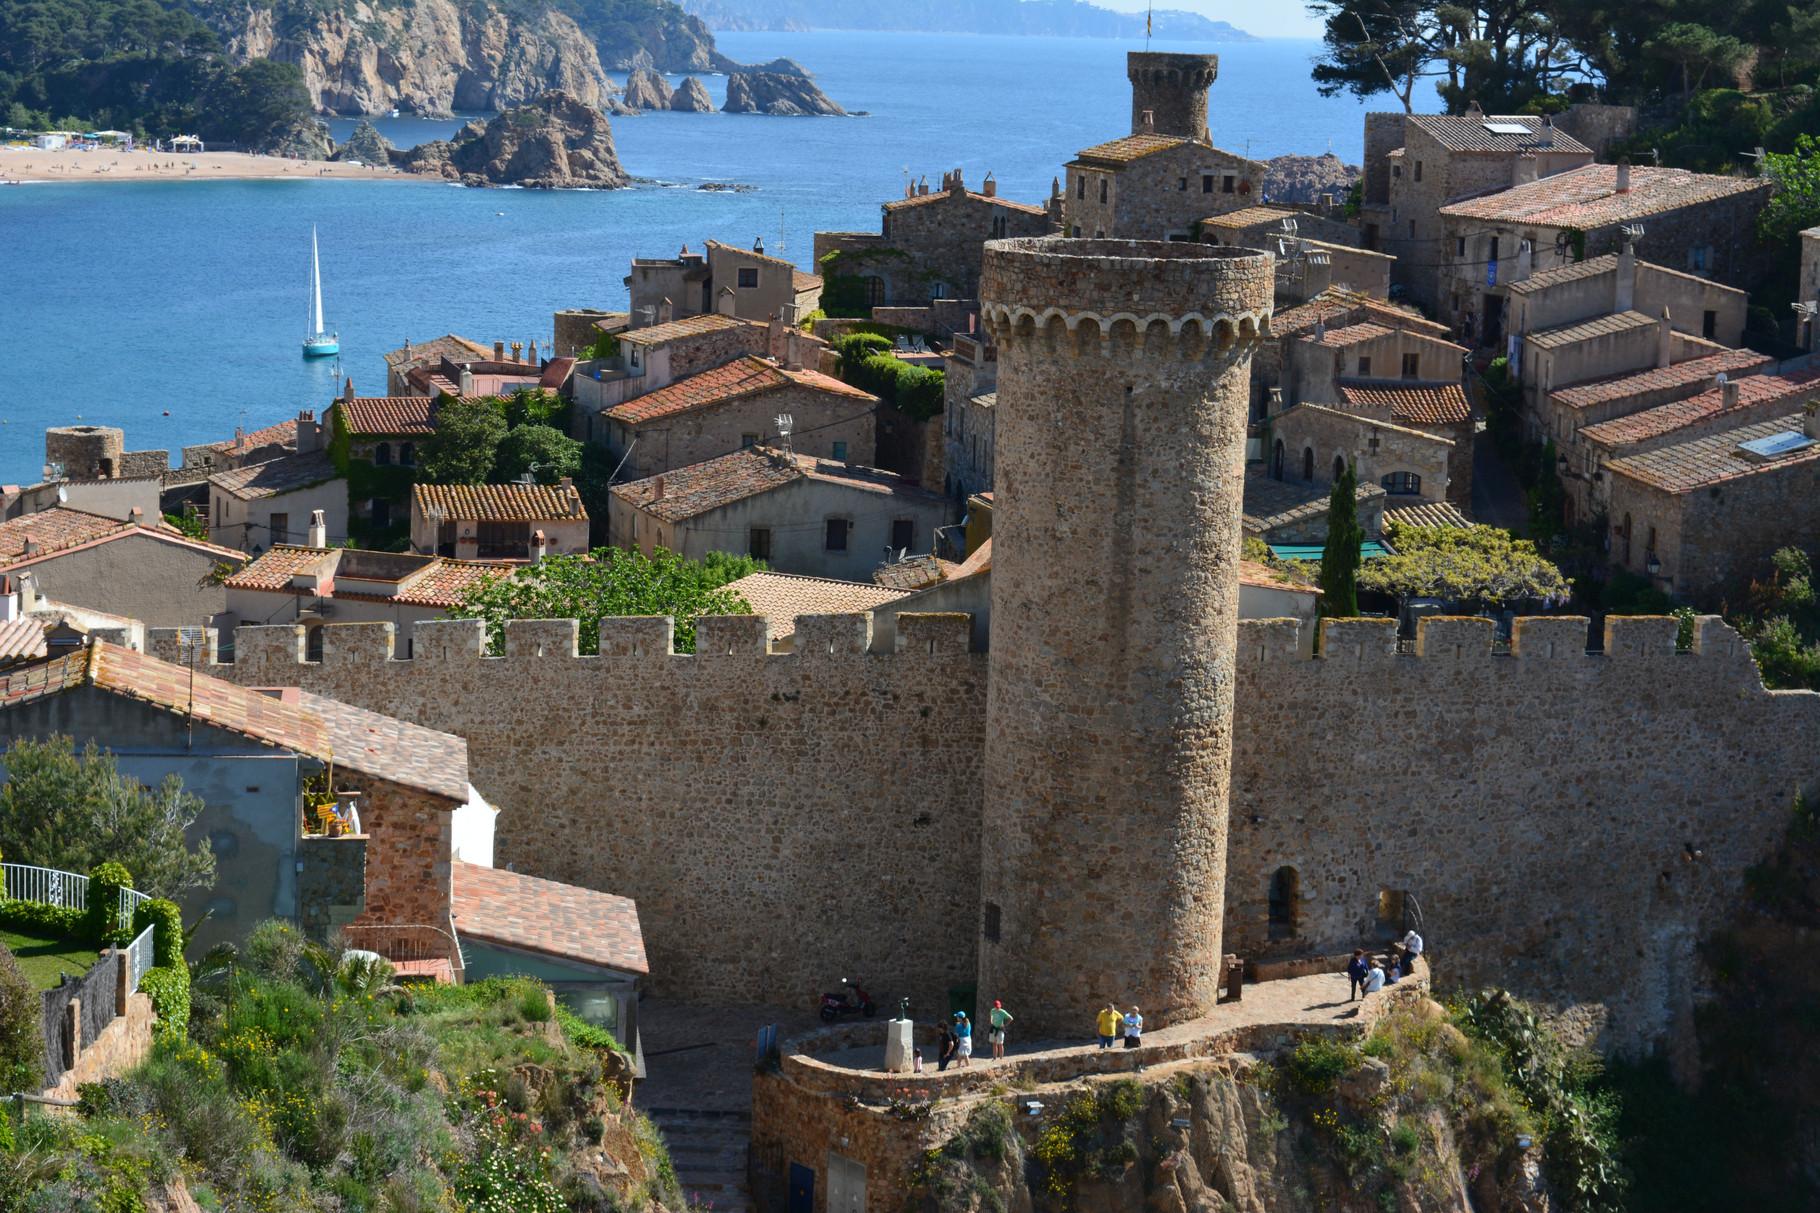 castillo medieval de Tossa